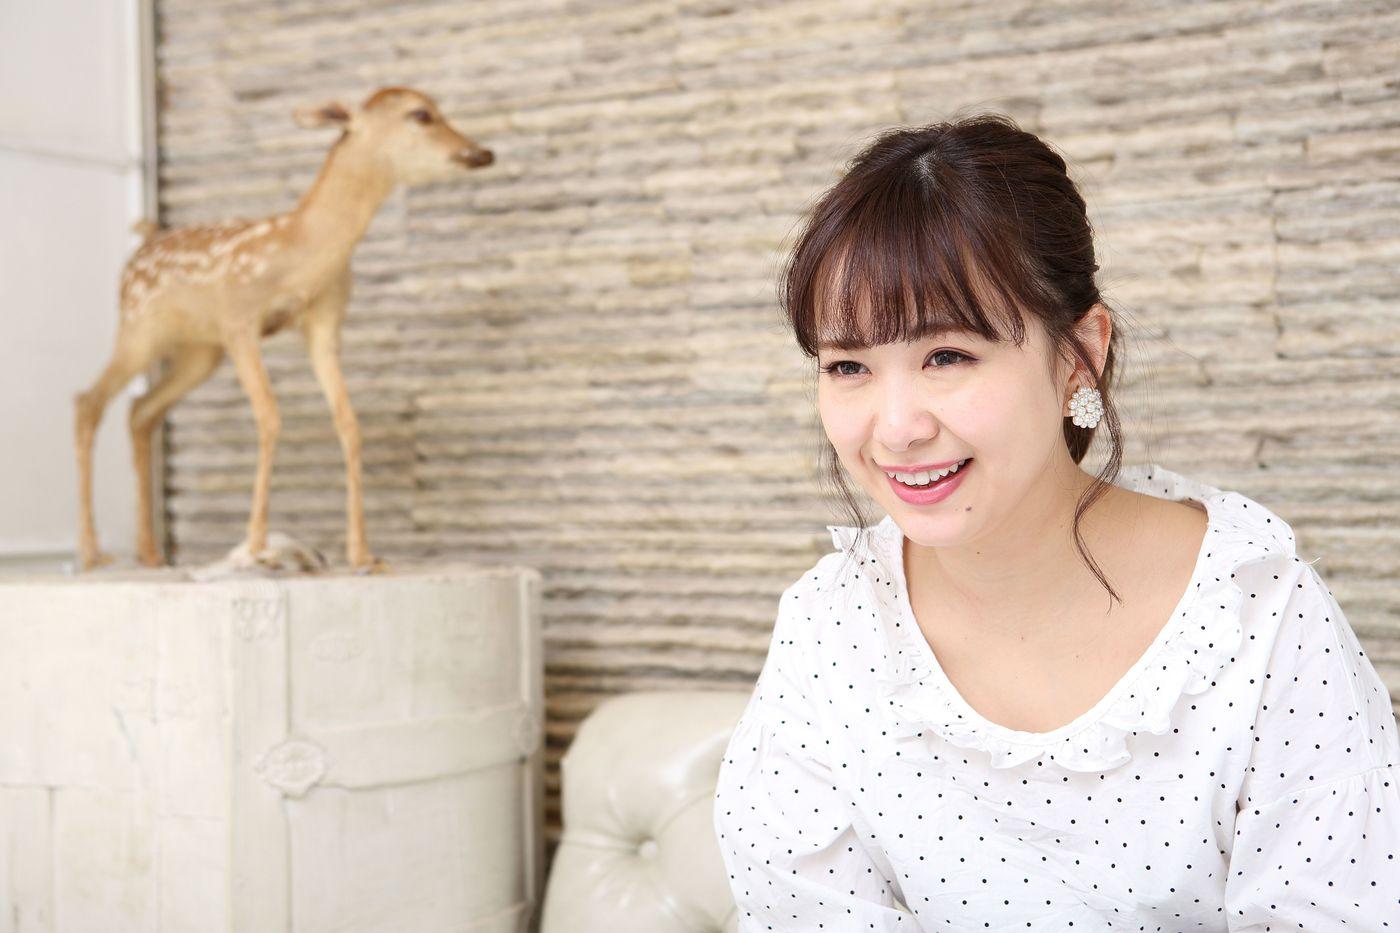 平松可奈子ちゃんの美容法♡変わらない可愛さと強いメンタルの秘密の5枚目の画像